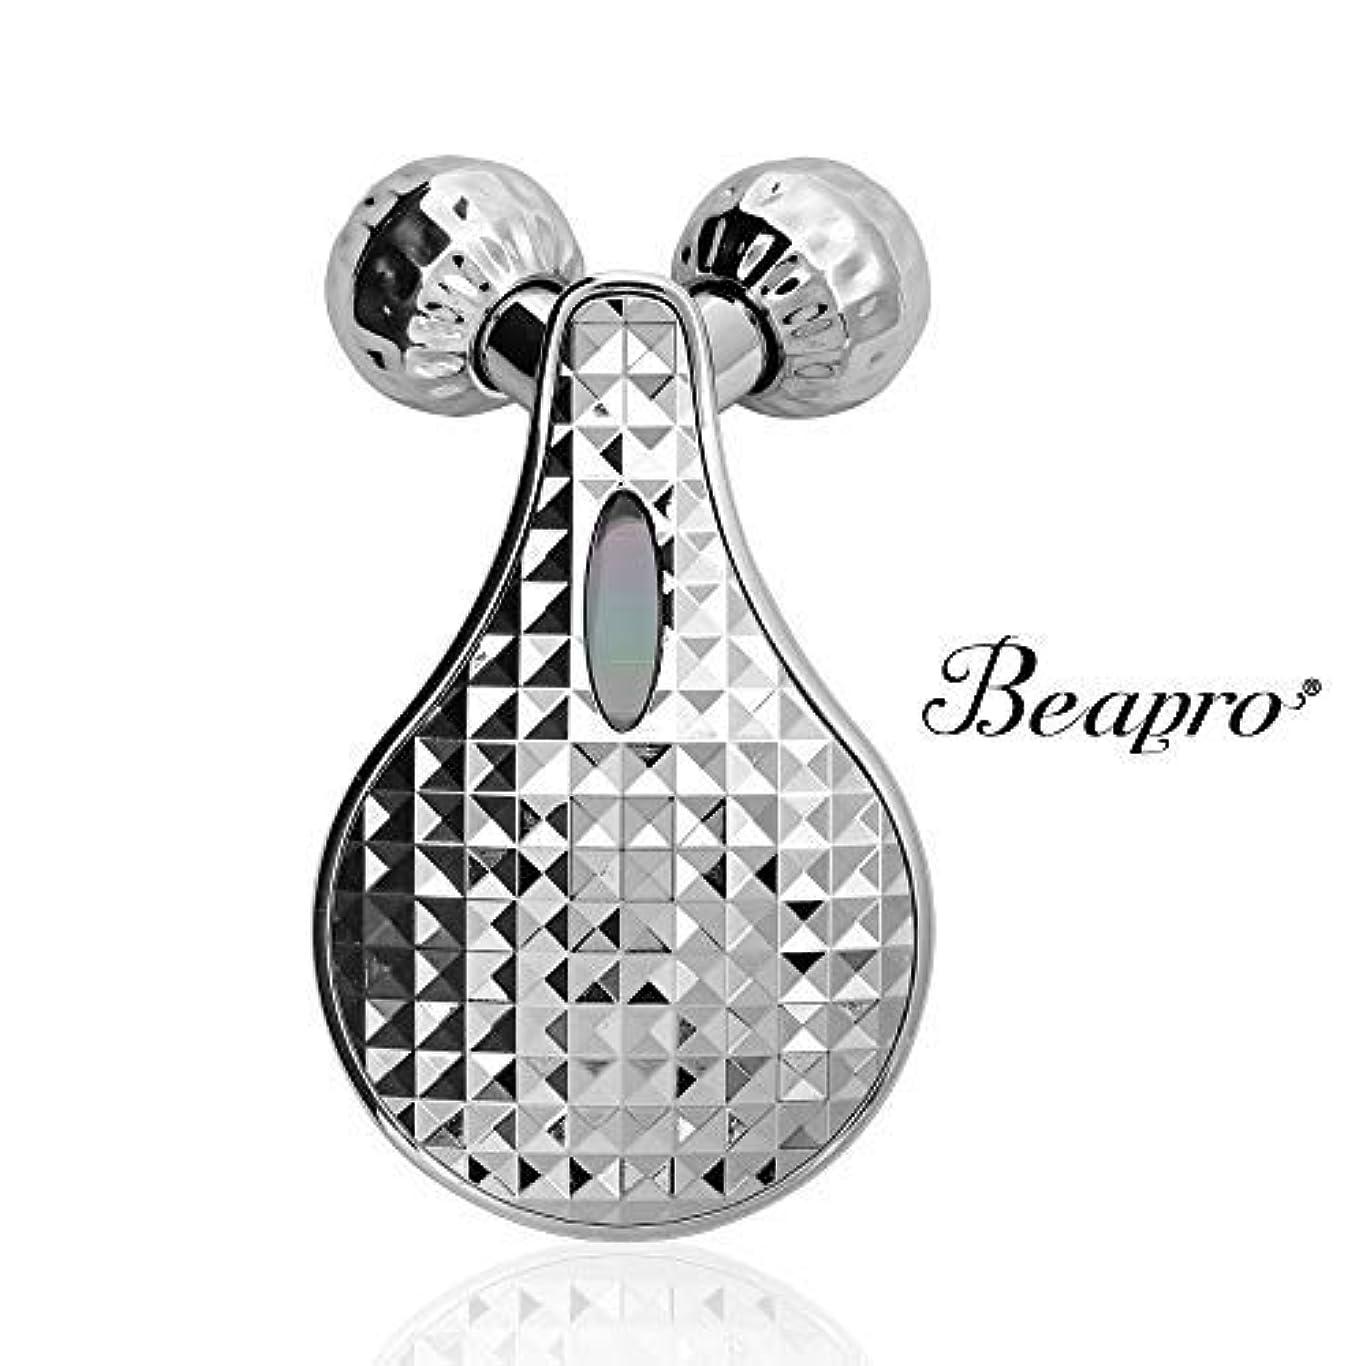 計算可能爆弾食器棚Beapro(ビープロ) 3D 美顔ローラー マイクロカレント(微弱電流) Y字構造 ローラー フェイシャル&ボディ マッサージ リガメント beapro04